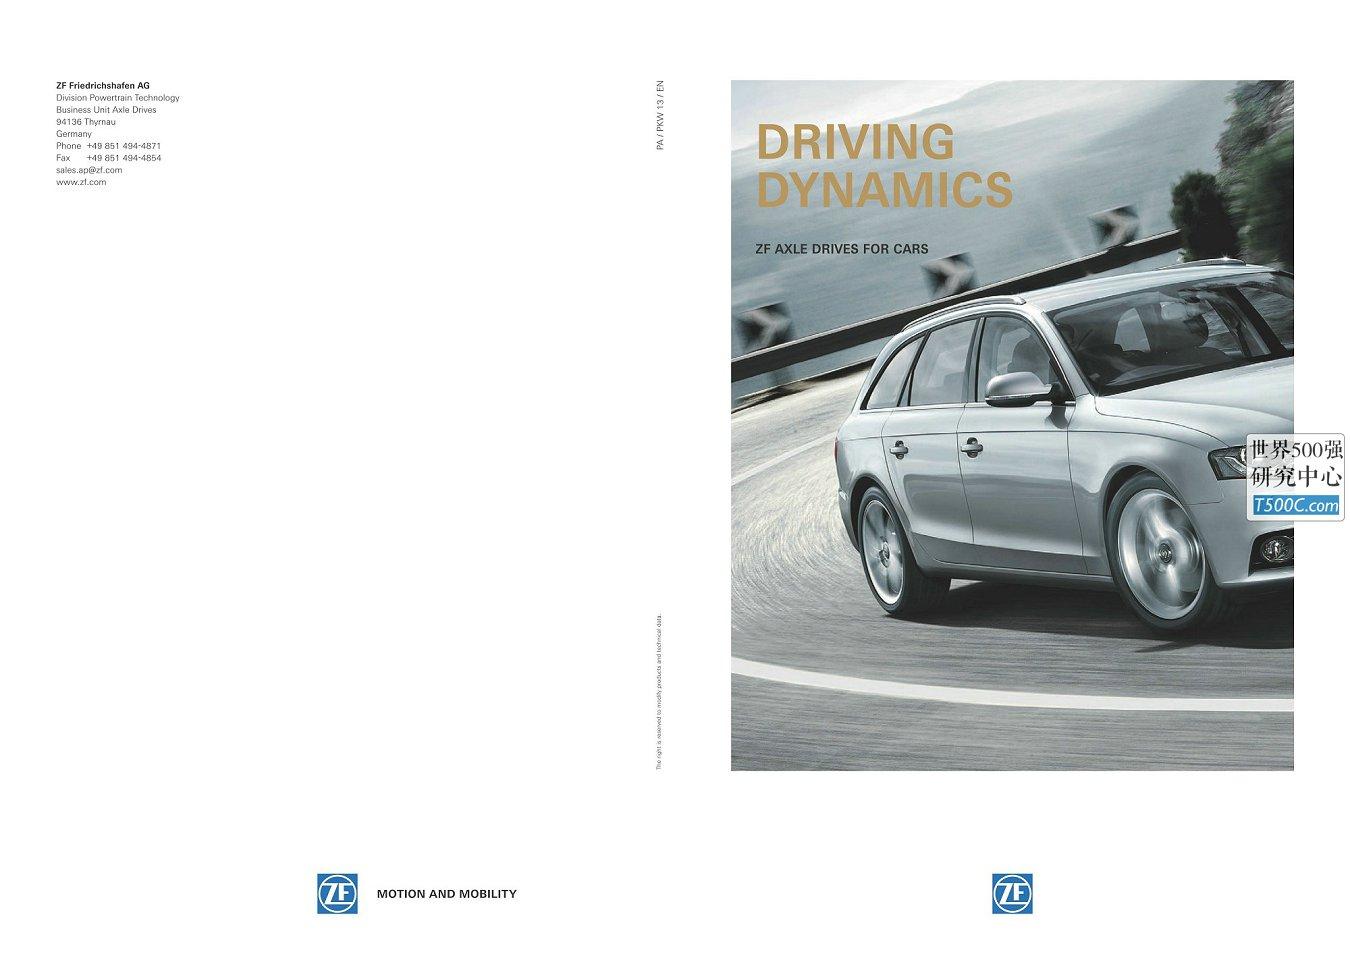 采埃孚技术ZFFriedrichshafen_产品宣传册Brochure_T500C.com_driving dynamics.pdf